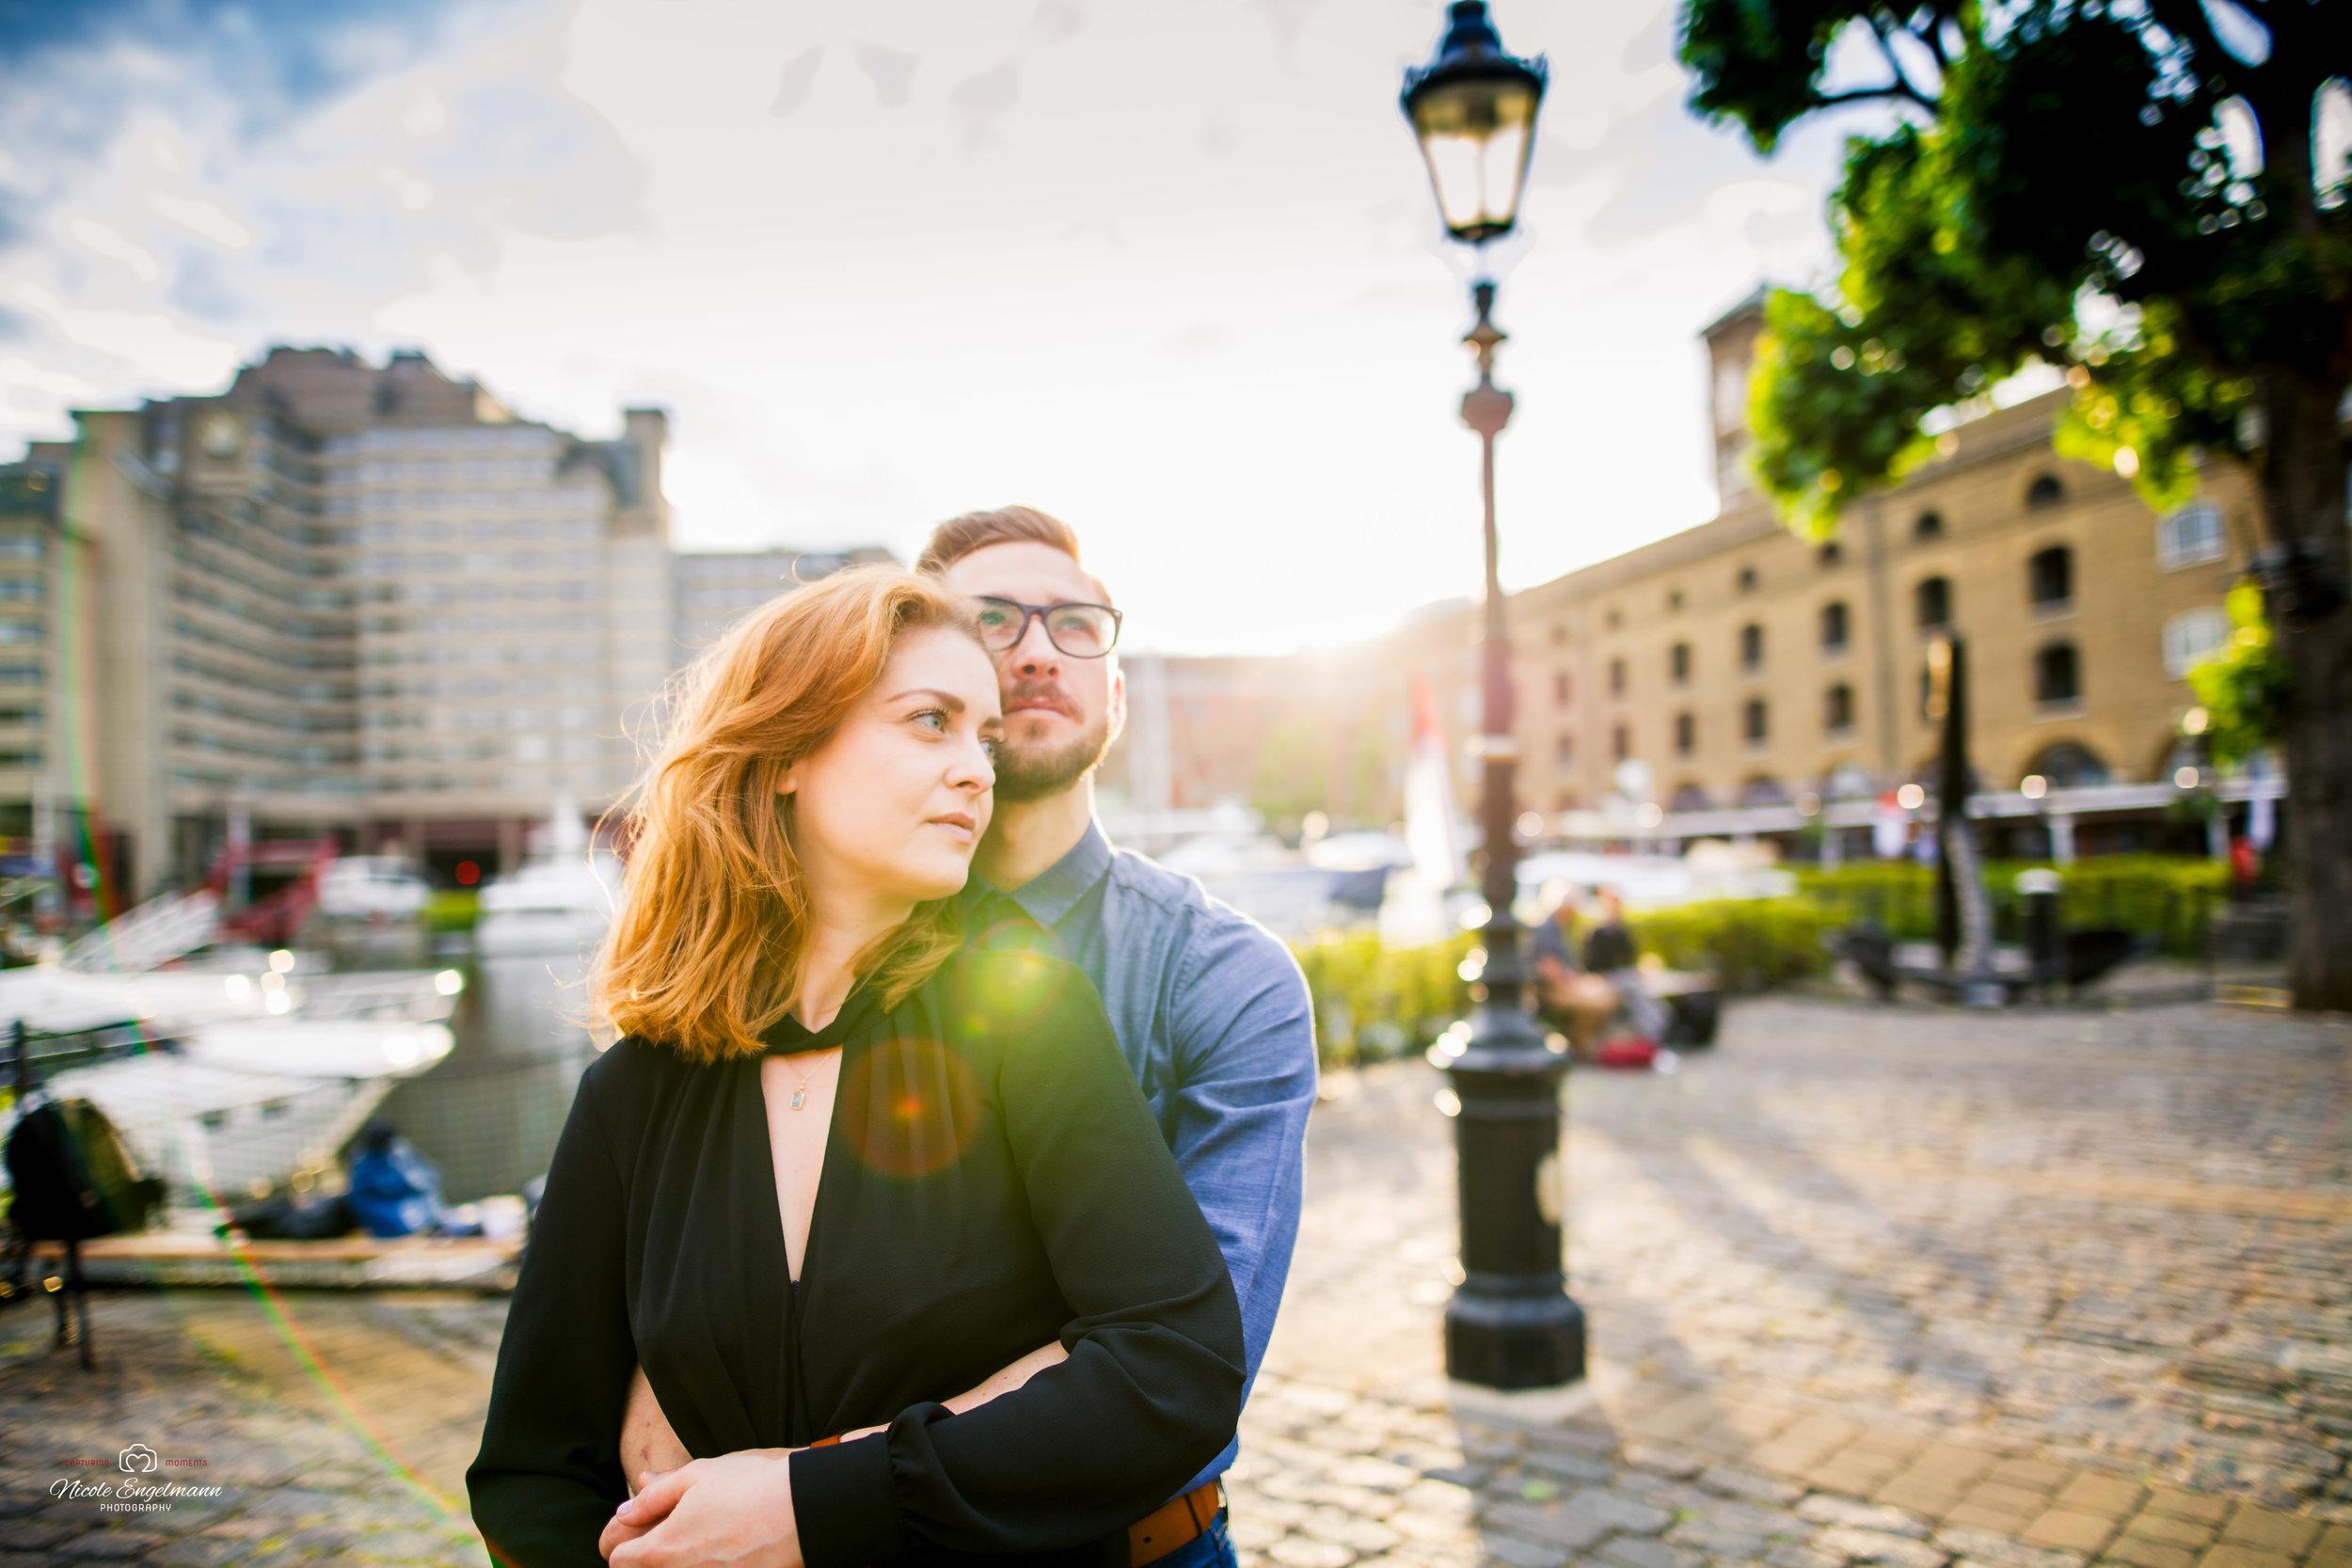 Annamaria & Tom WM-35.jpg